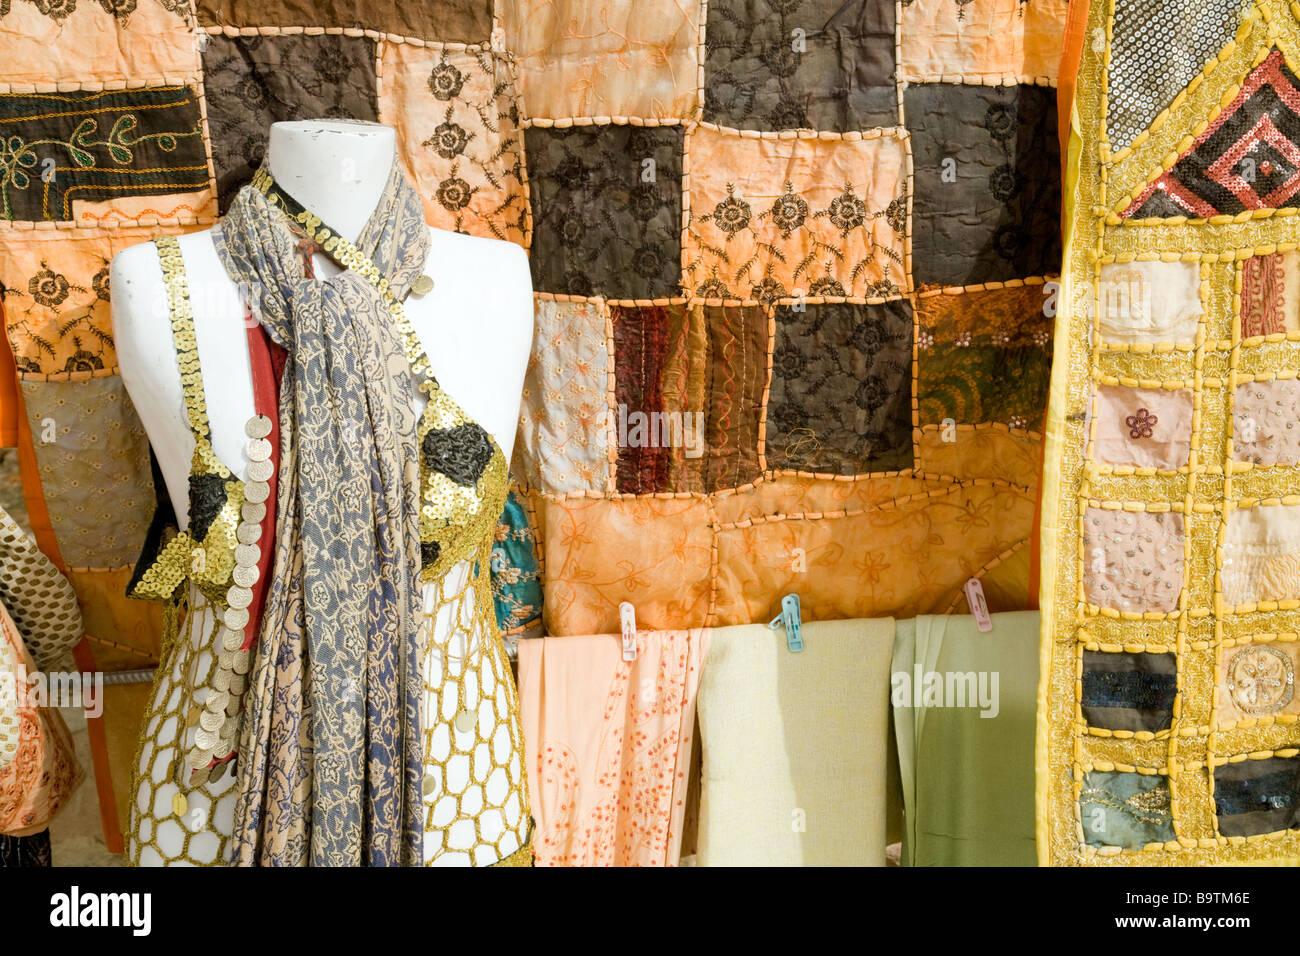 Vestiti e materiale per la vendita, Giordania Immagini Stock